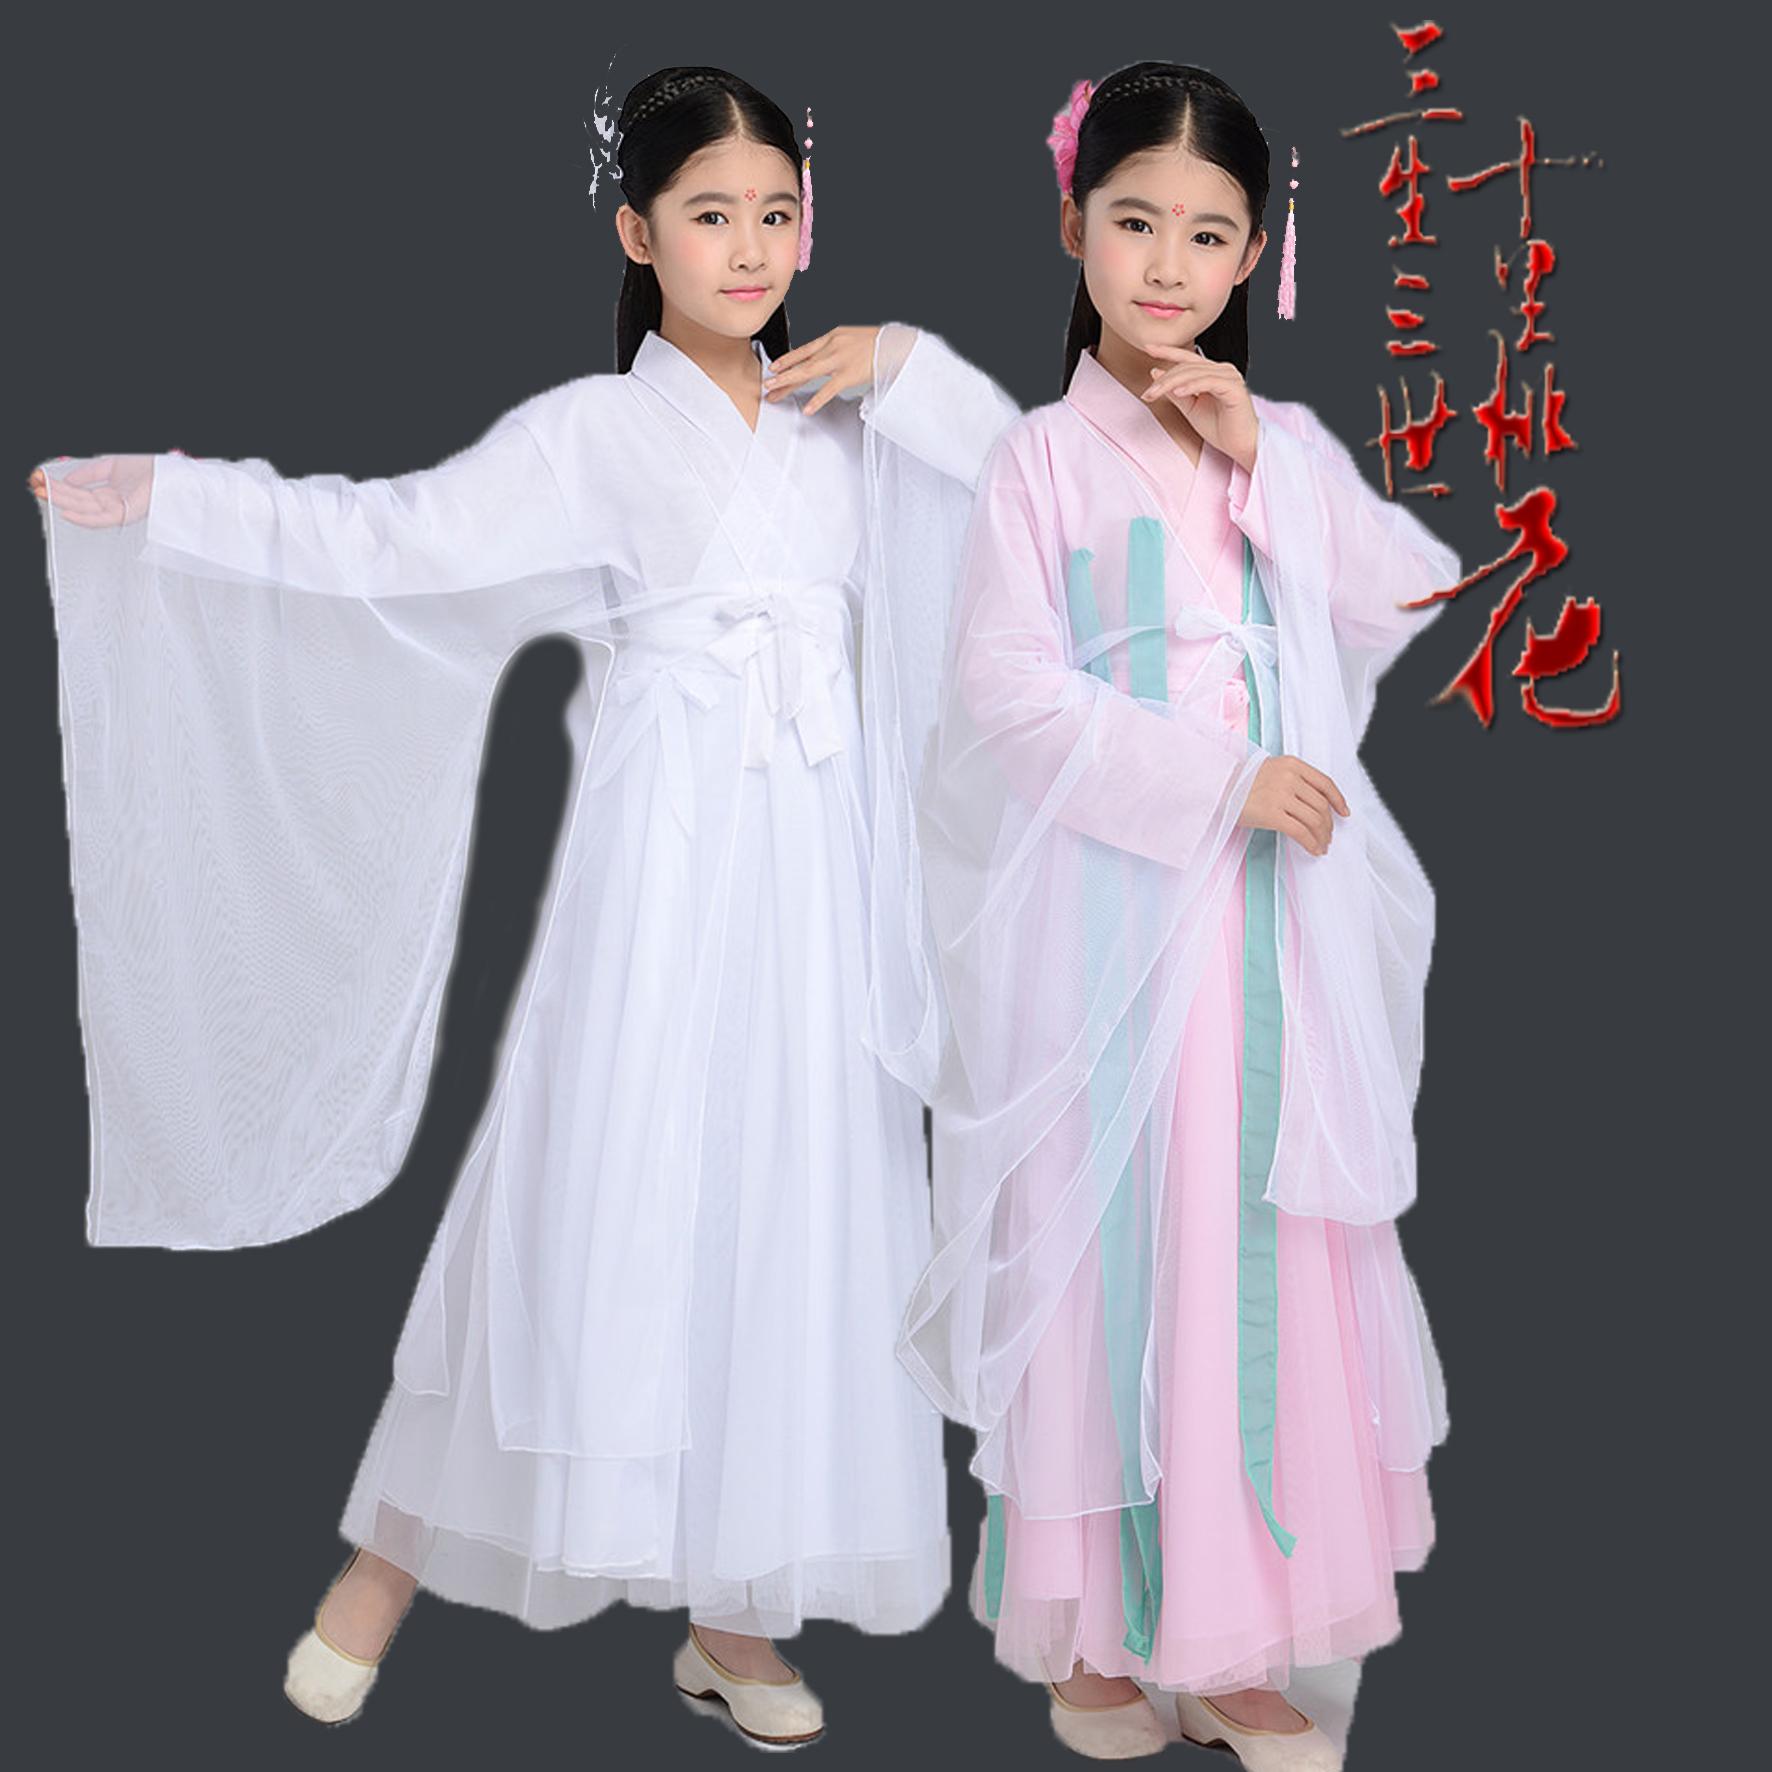 六一儿童节古装仙女服女童古装汉服公主裙连衣裙礼服儿童古装汉服